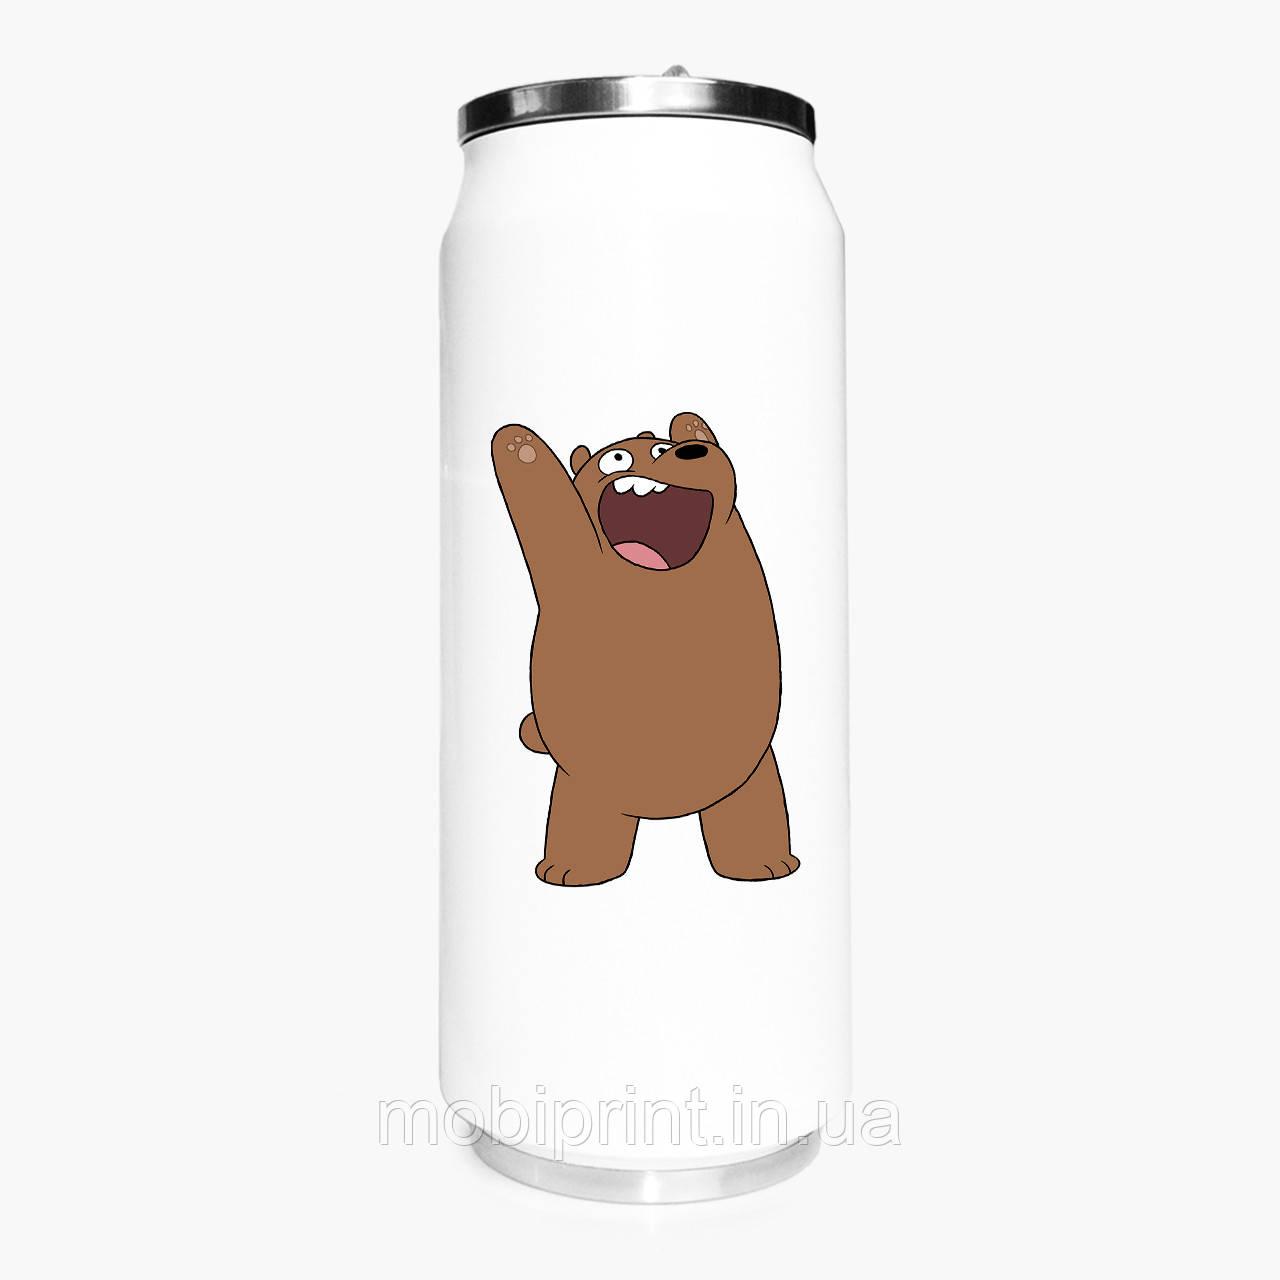 Термобанка Вся правда о медведях We Bare Bears 500 мл (31091-1777) термокружка из нержавеющей стали